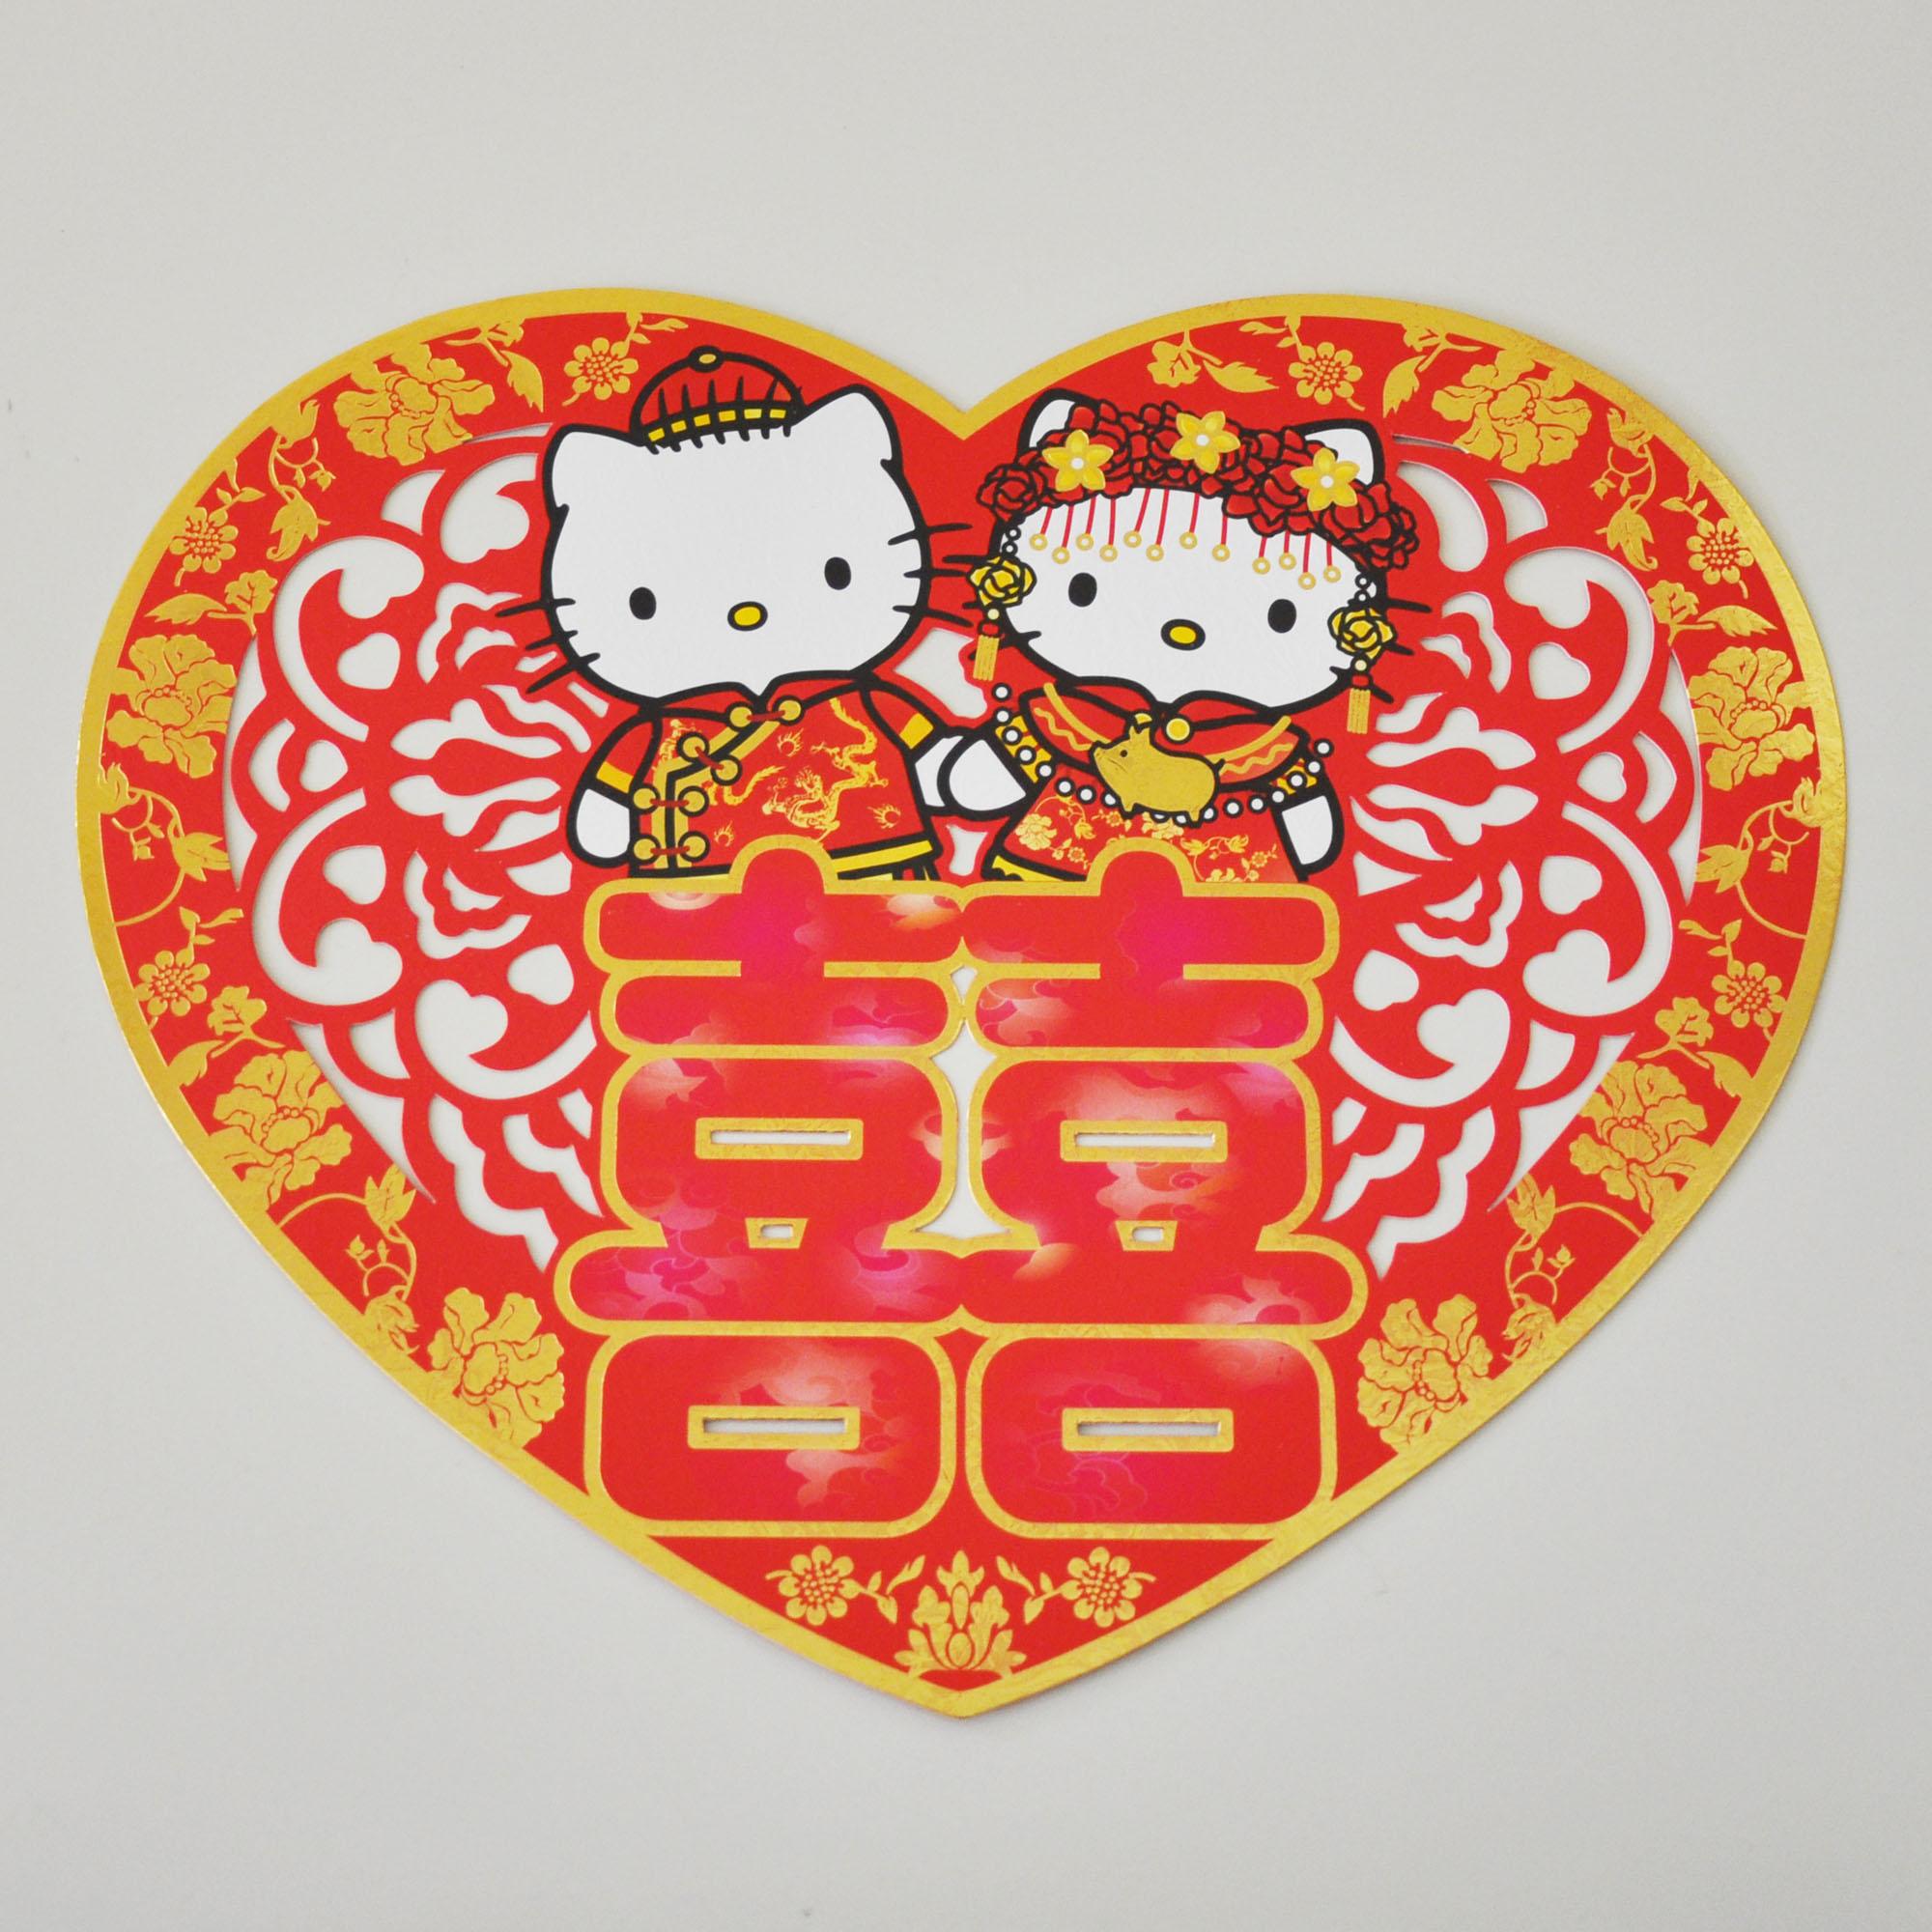 hello-kitty-double-happiness-wedding-decal